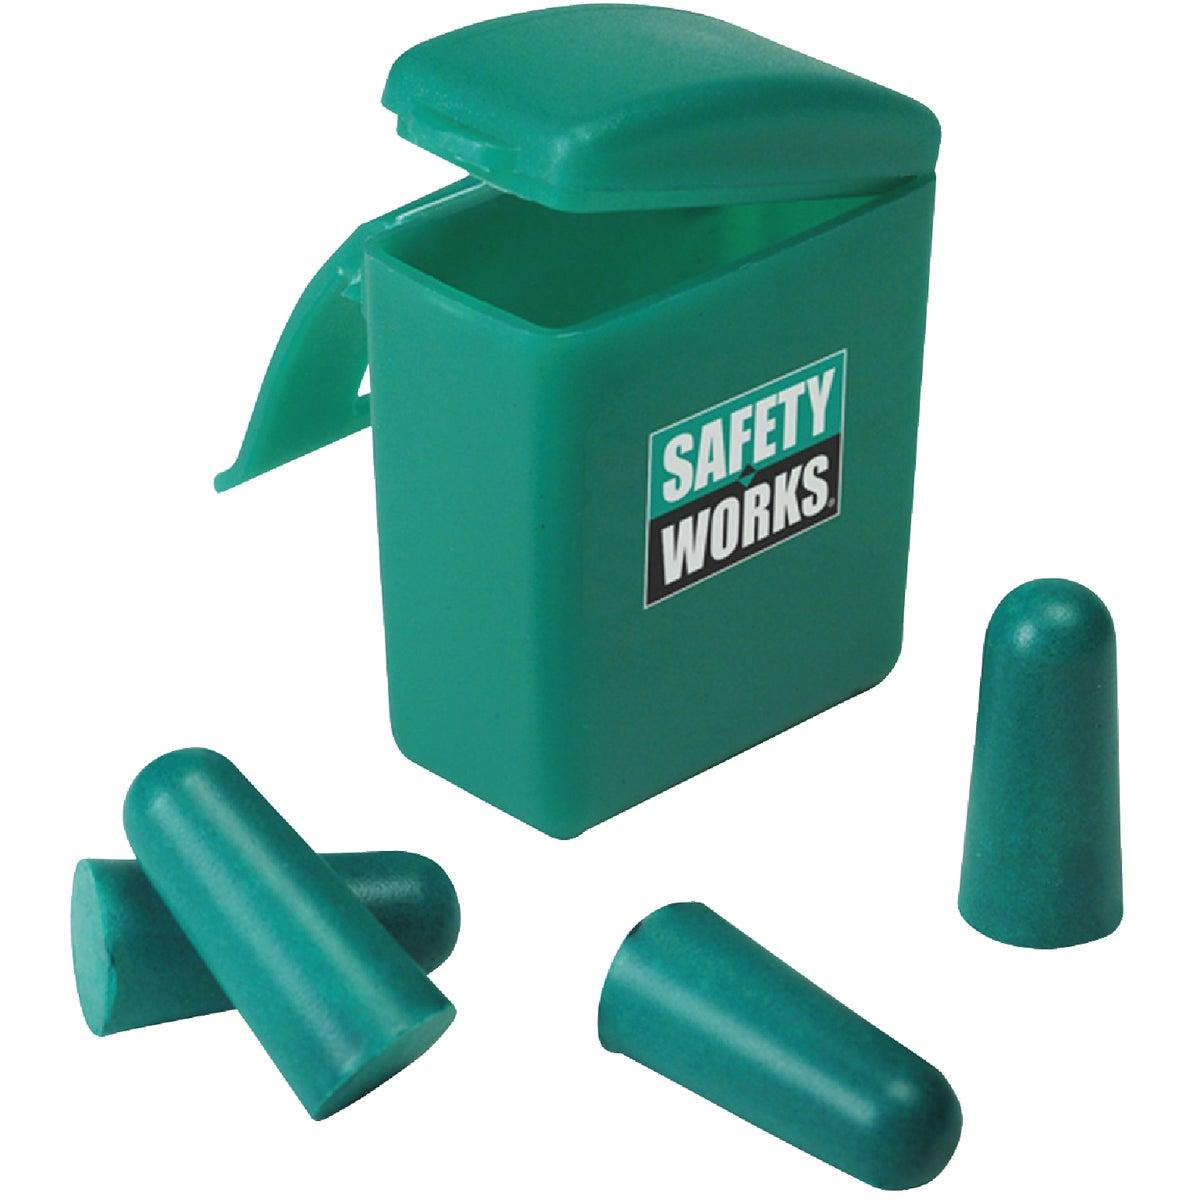 2PR FOAM EARPLUGS W/CASE - 818074 by Msa Safety